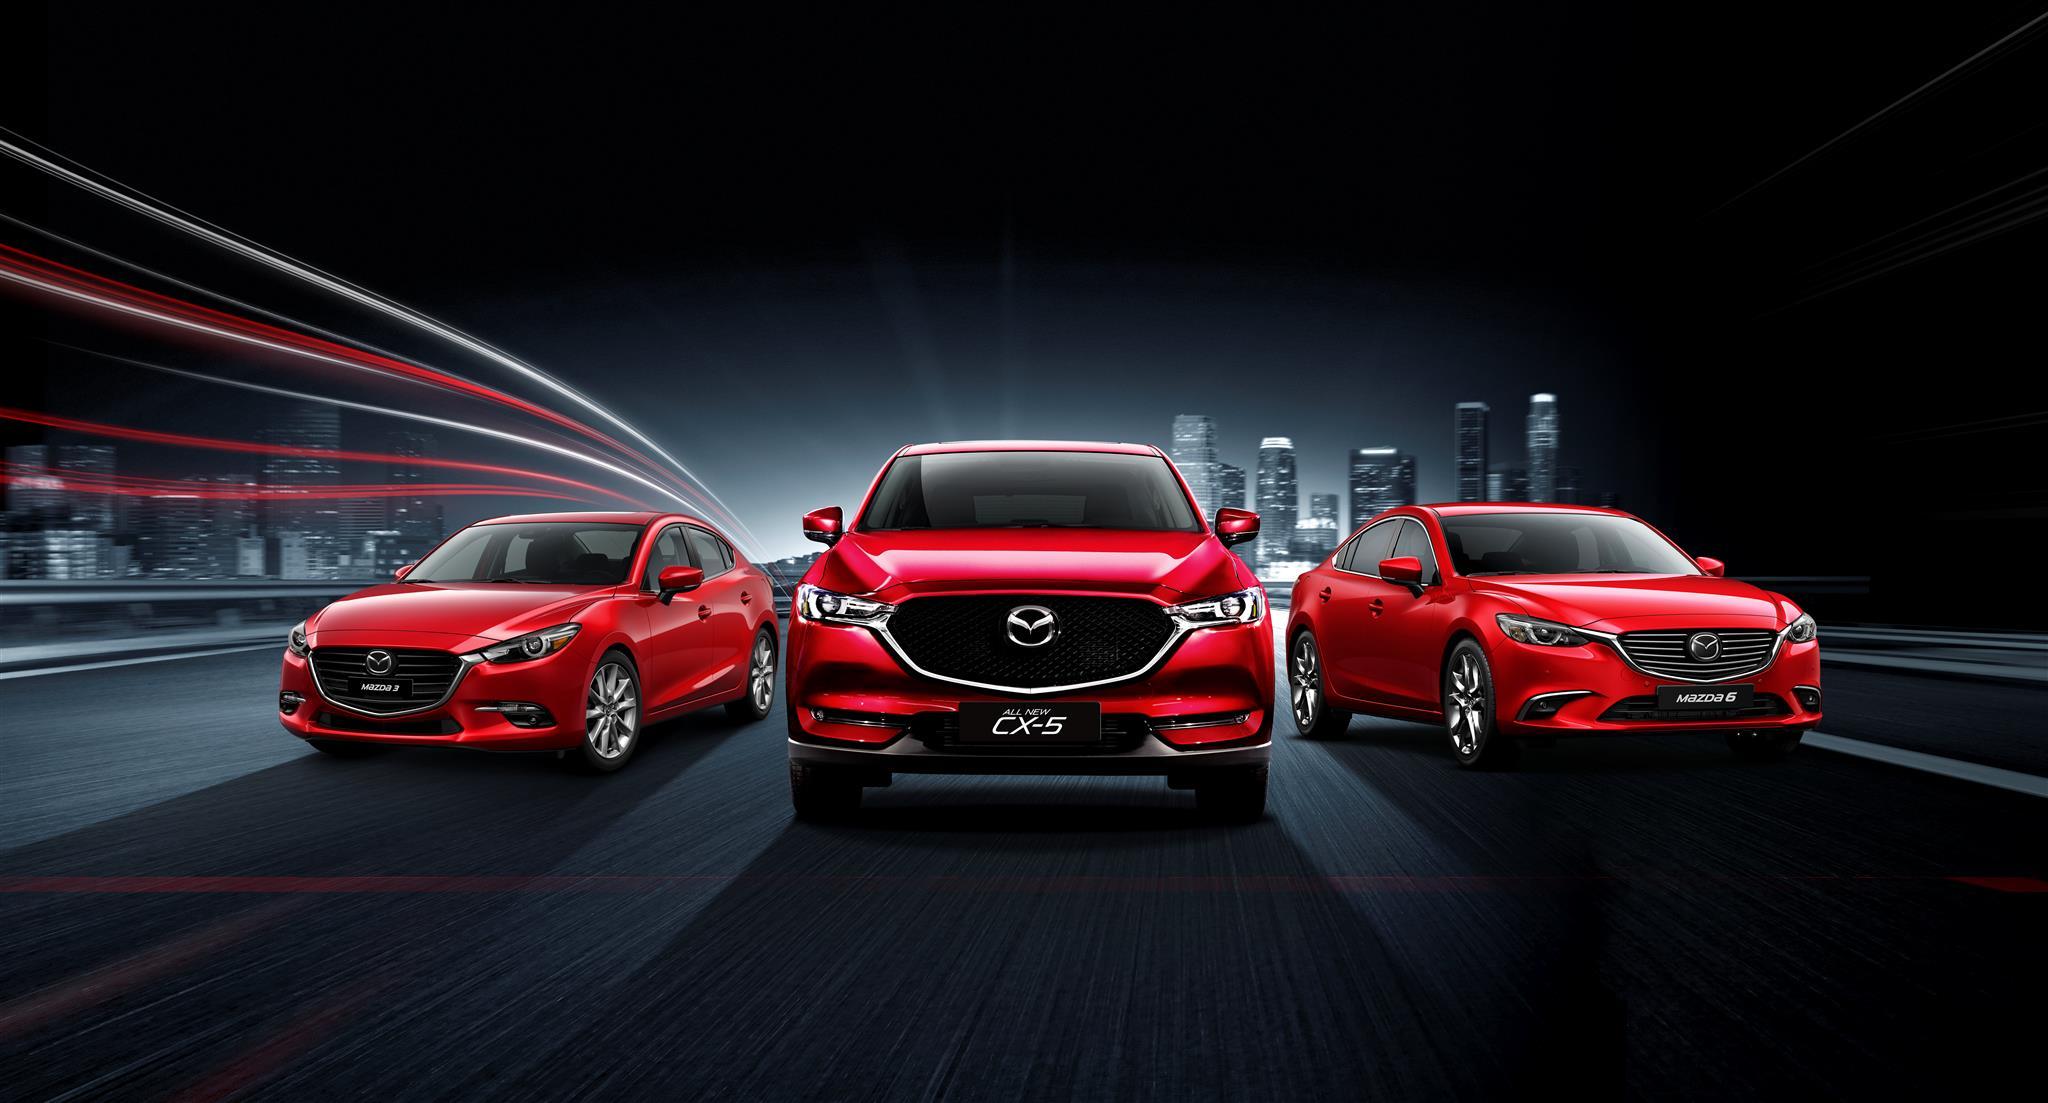 Hành trình 100 năm di sản của Mazda